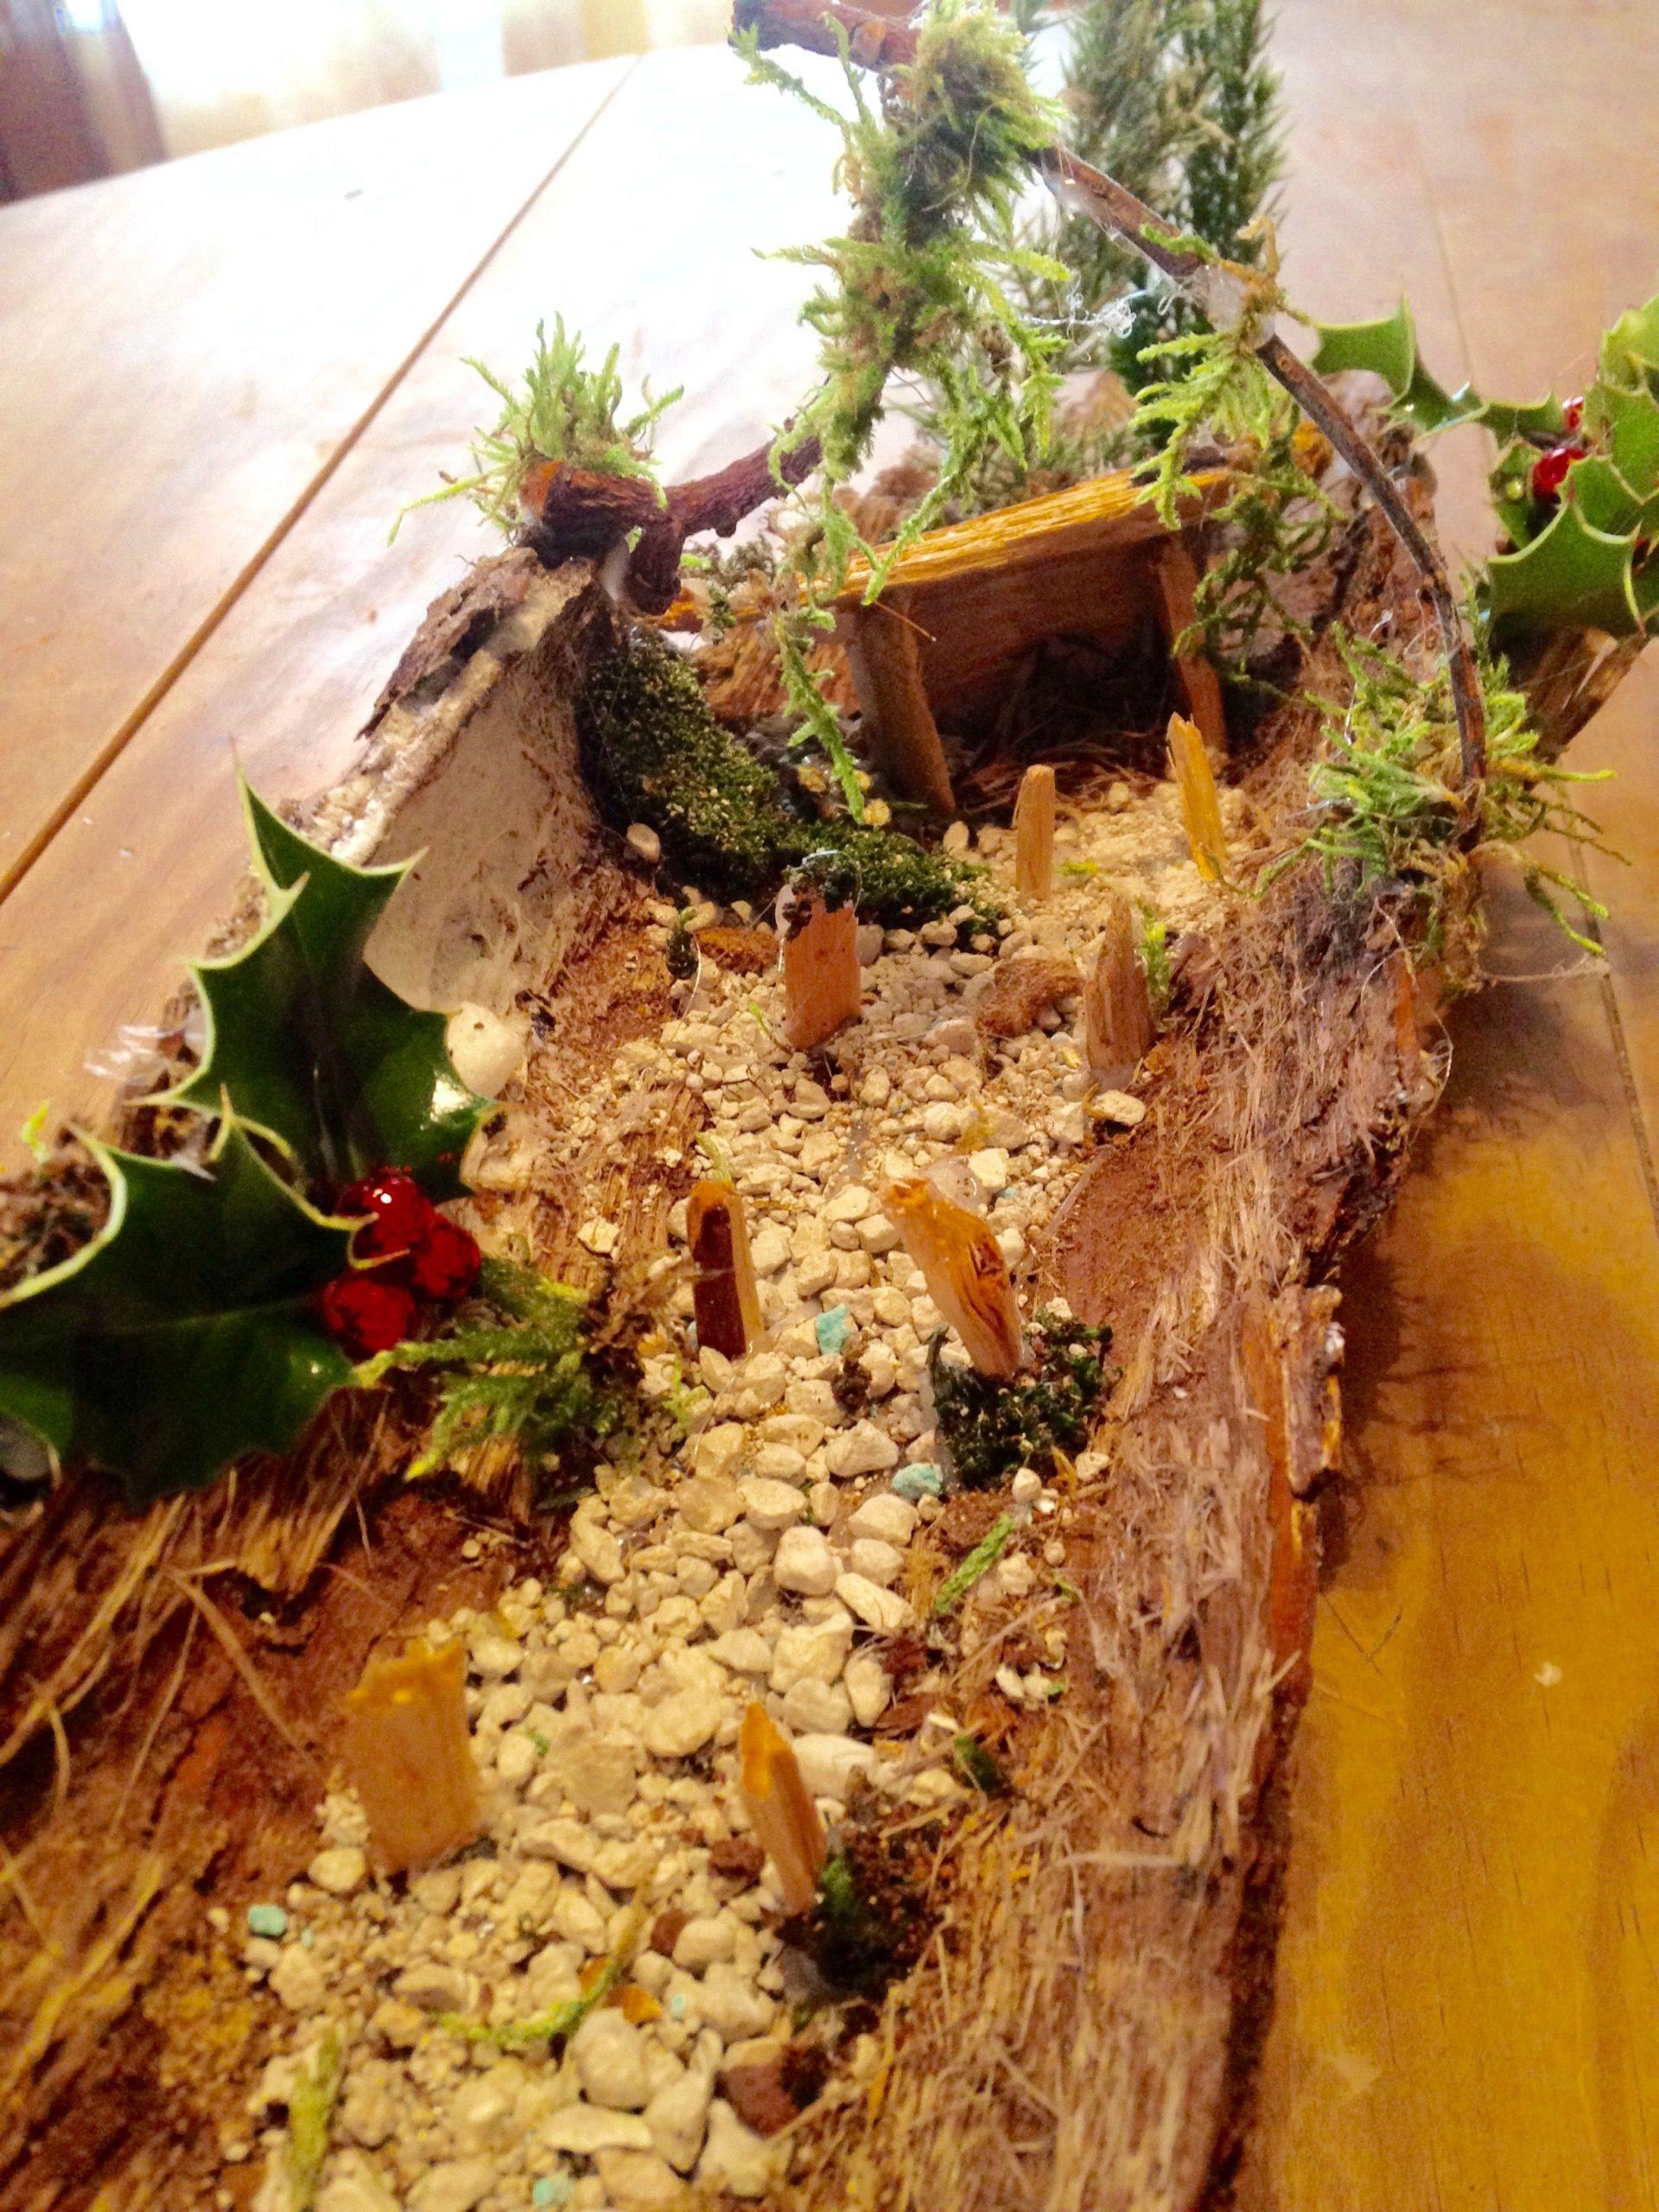 Krisamateur Kris Création Perso Recyclage Écorces, Mousses D ... concernant Ecorces Jardin